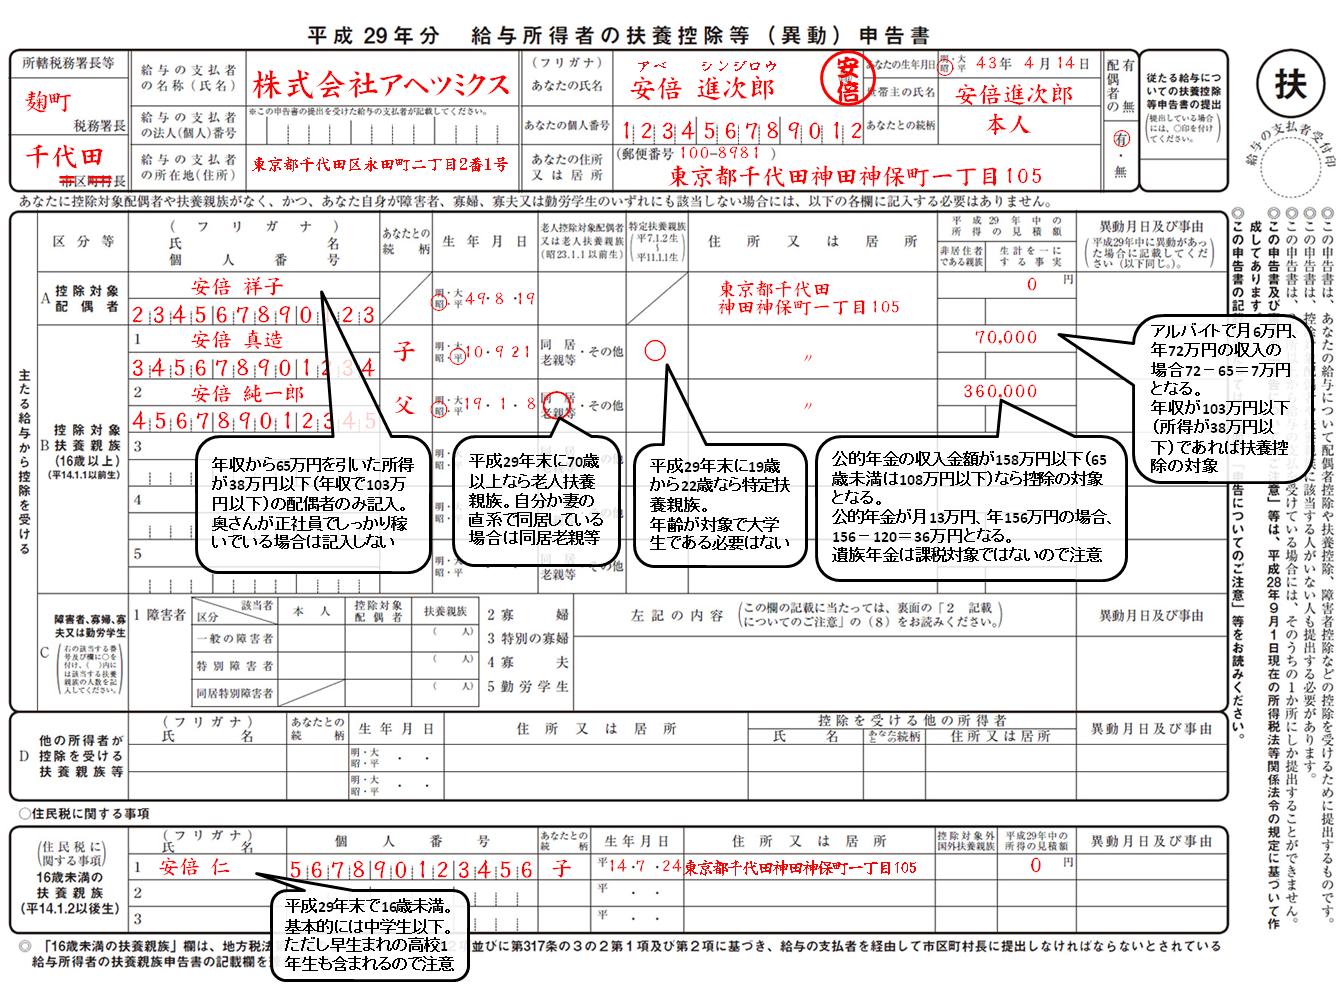 平成29年分 給与所得者の扶養控除等(異動)申告書の記入例